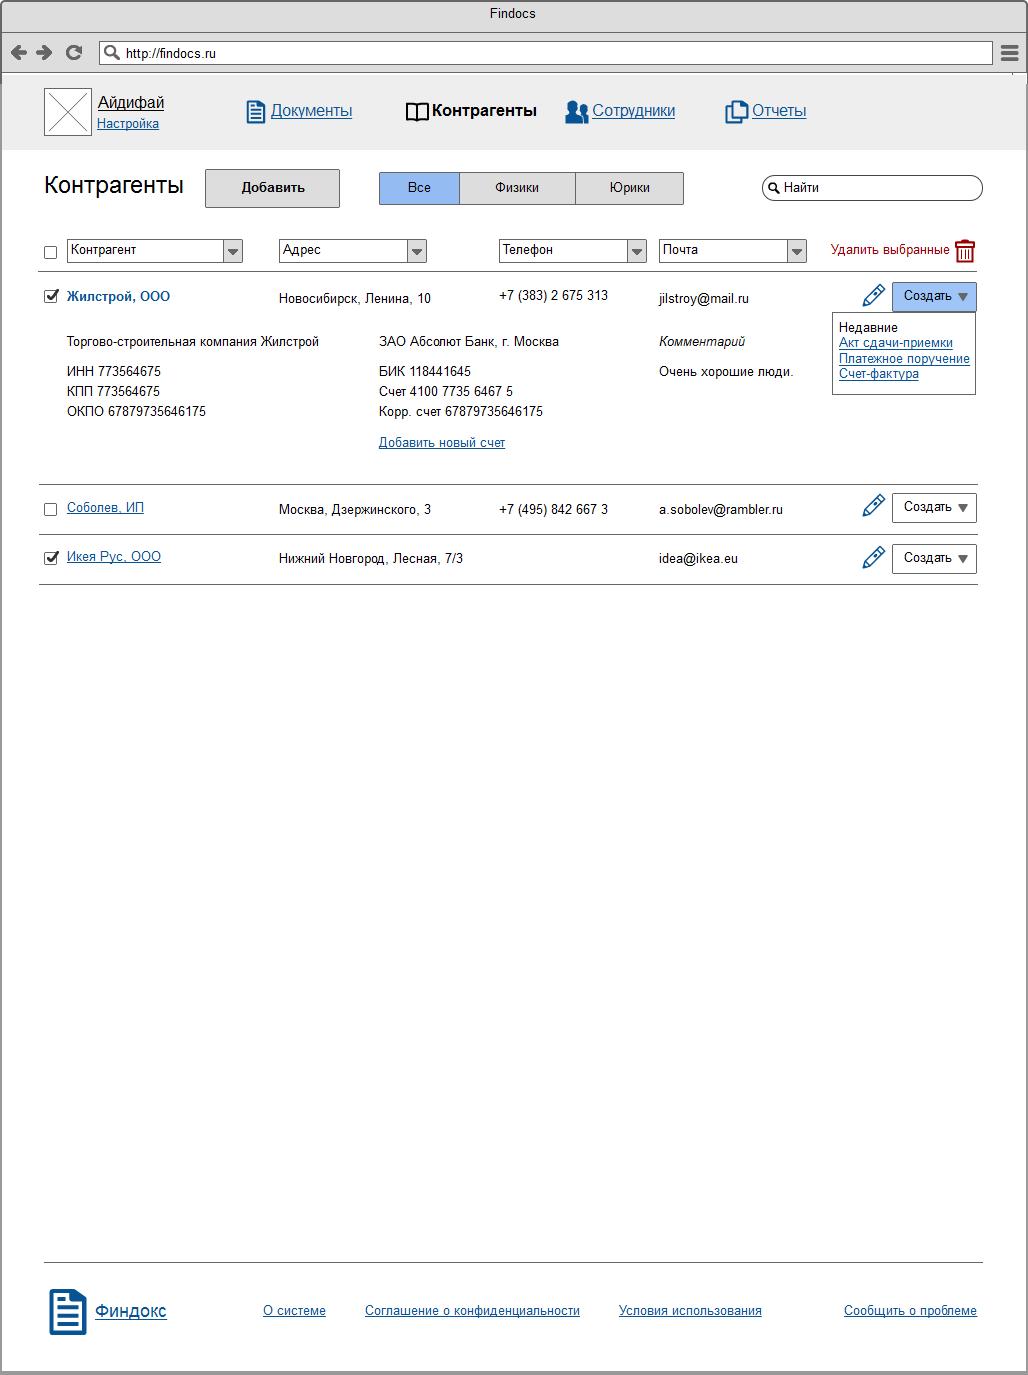 Прототипы сайта «Финдокс» Сайт Артура Нецветаева — сайты, приложения, прототипы и оформление интерфейсов contragents